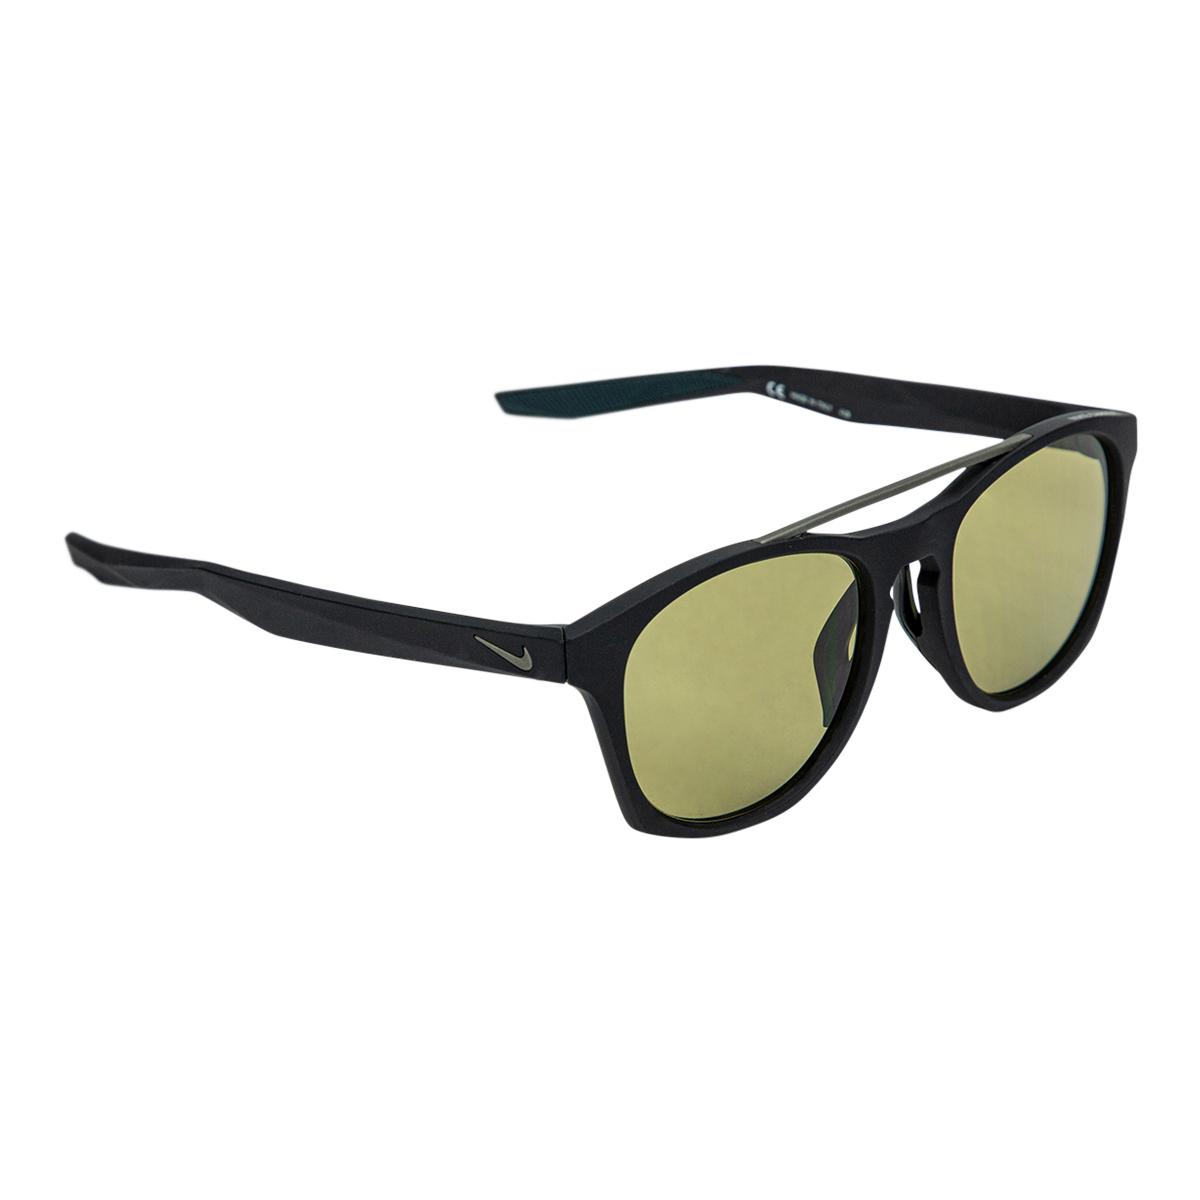 Nike-Current-EV1057-Sunglasses thumbnail 9